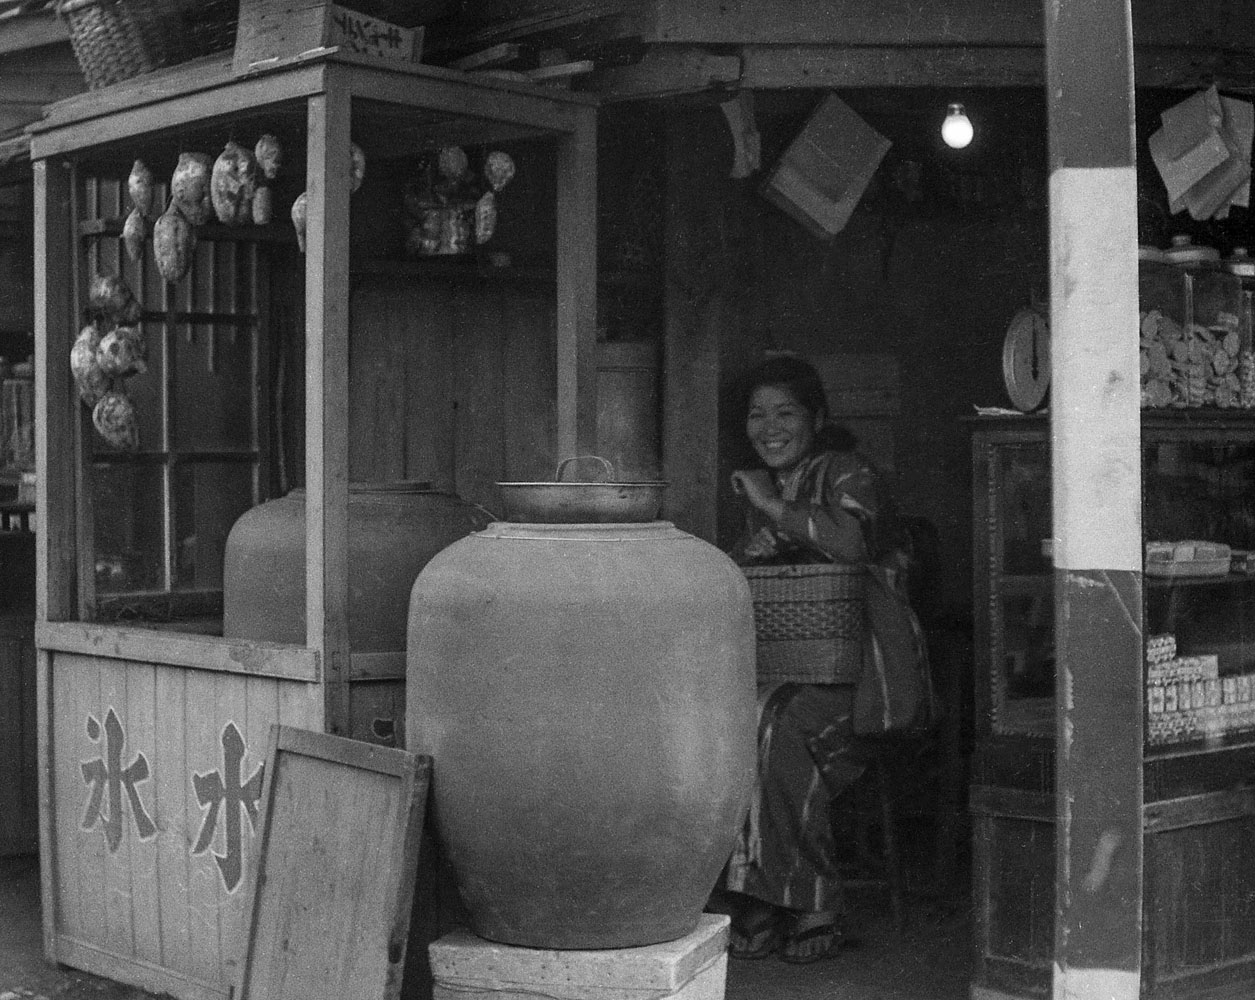 238- Girl in Shadows, Ishinomaki